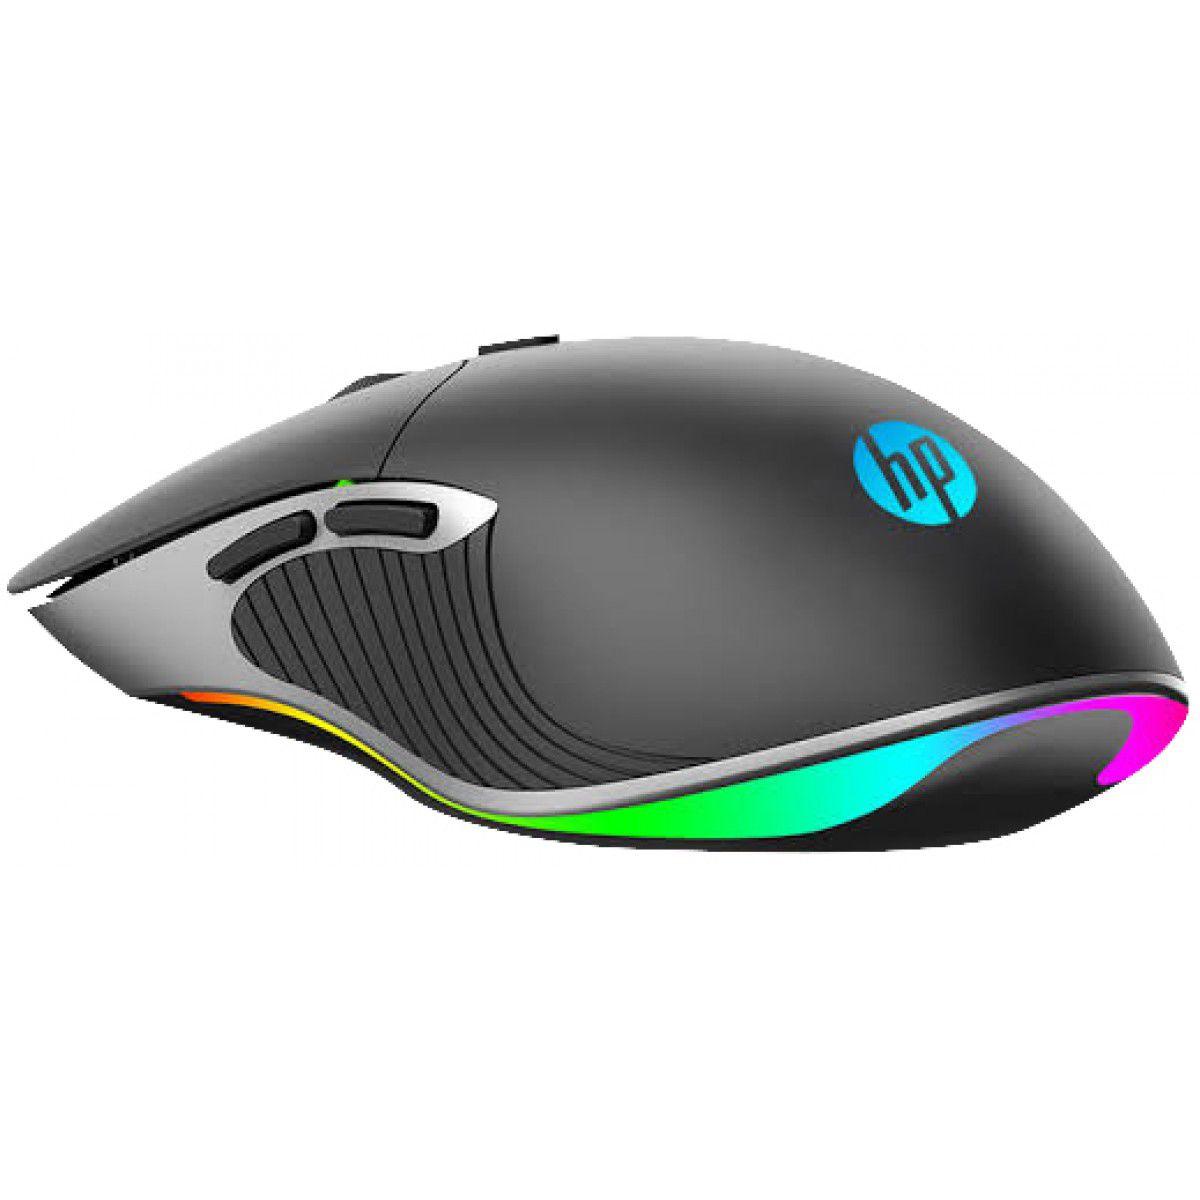 Mouse Óptico Gamer HP Usb M280 Preto